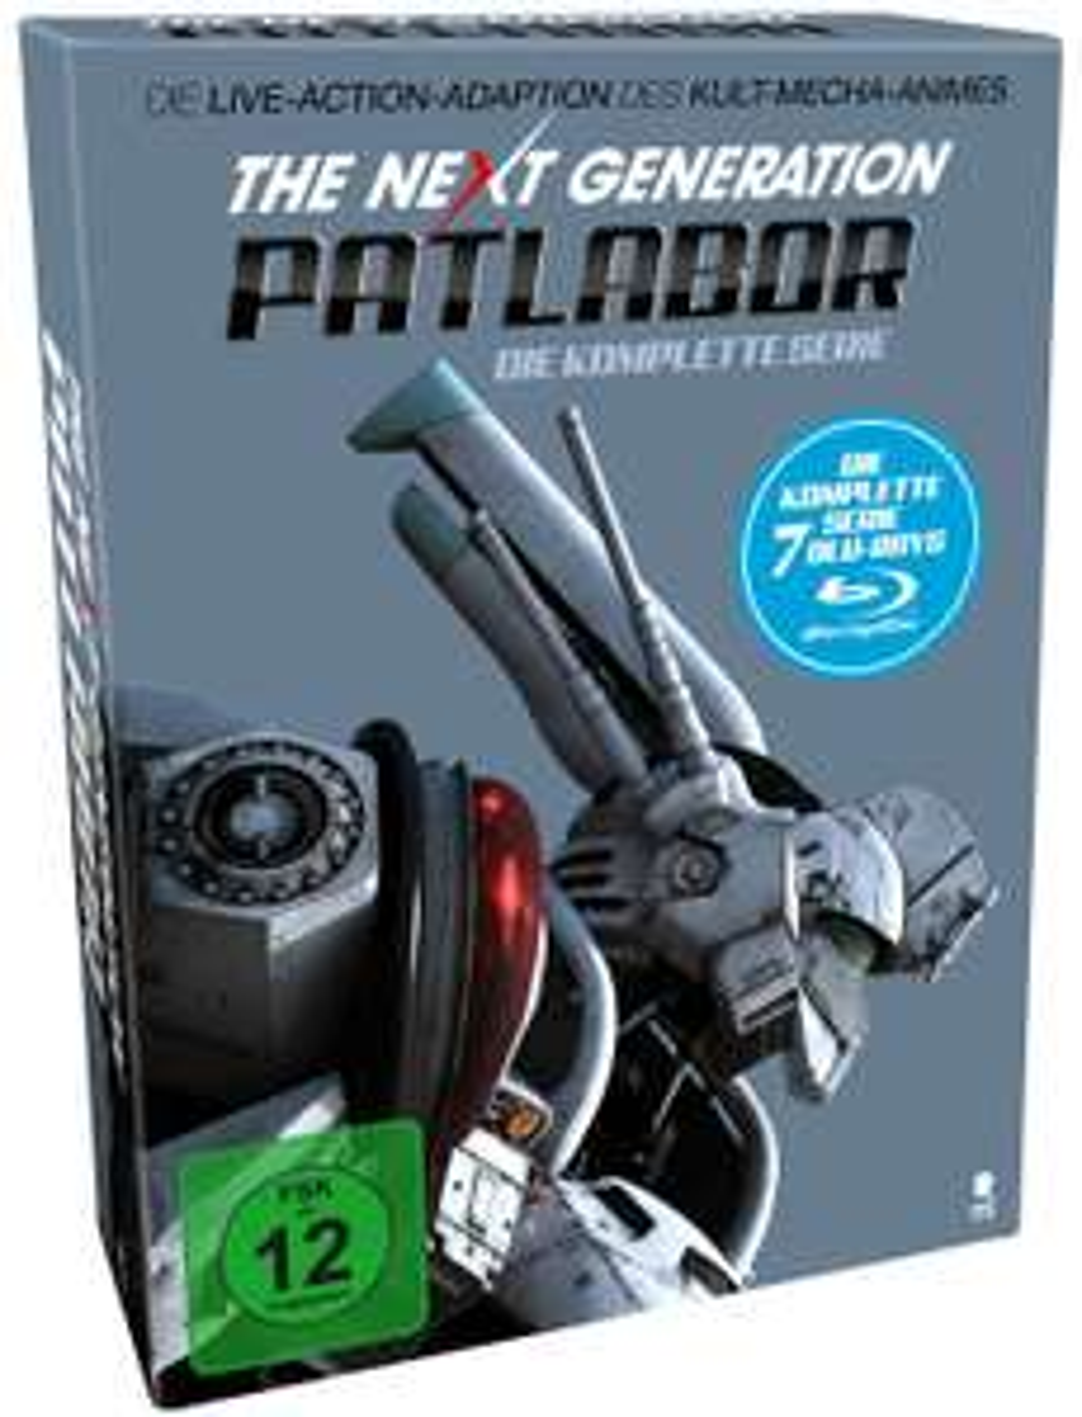 The Next Generation: Patlabor - Die komplette Serie (Blu-ray) für 7,99€ (Saturn + Media Markt)